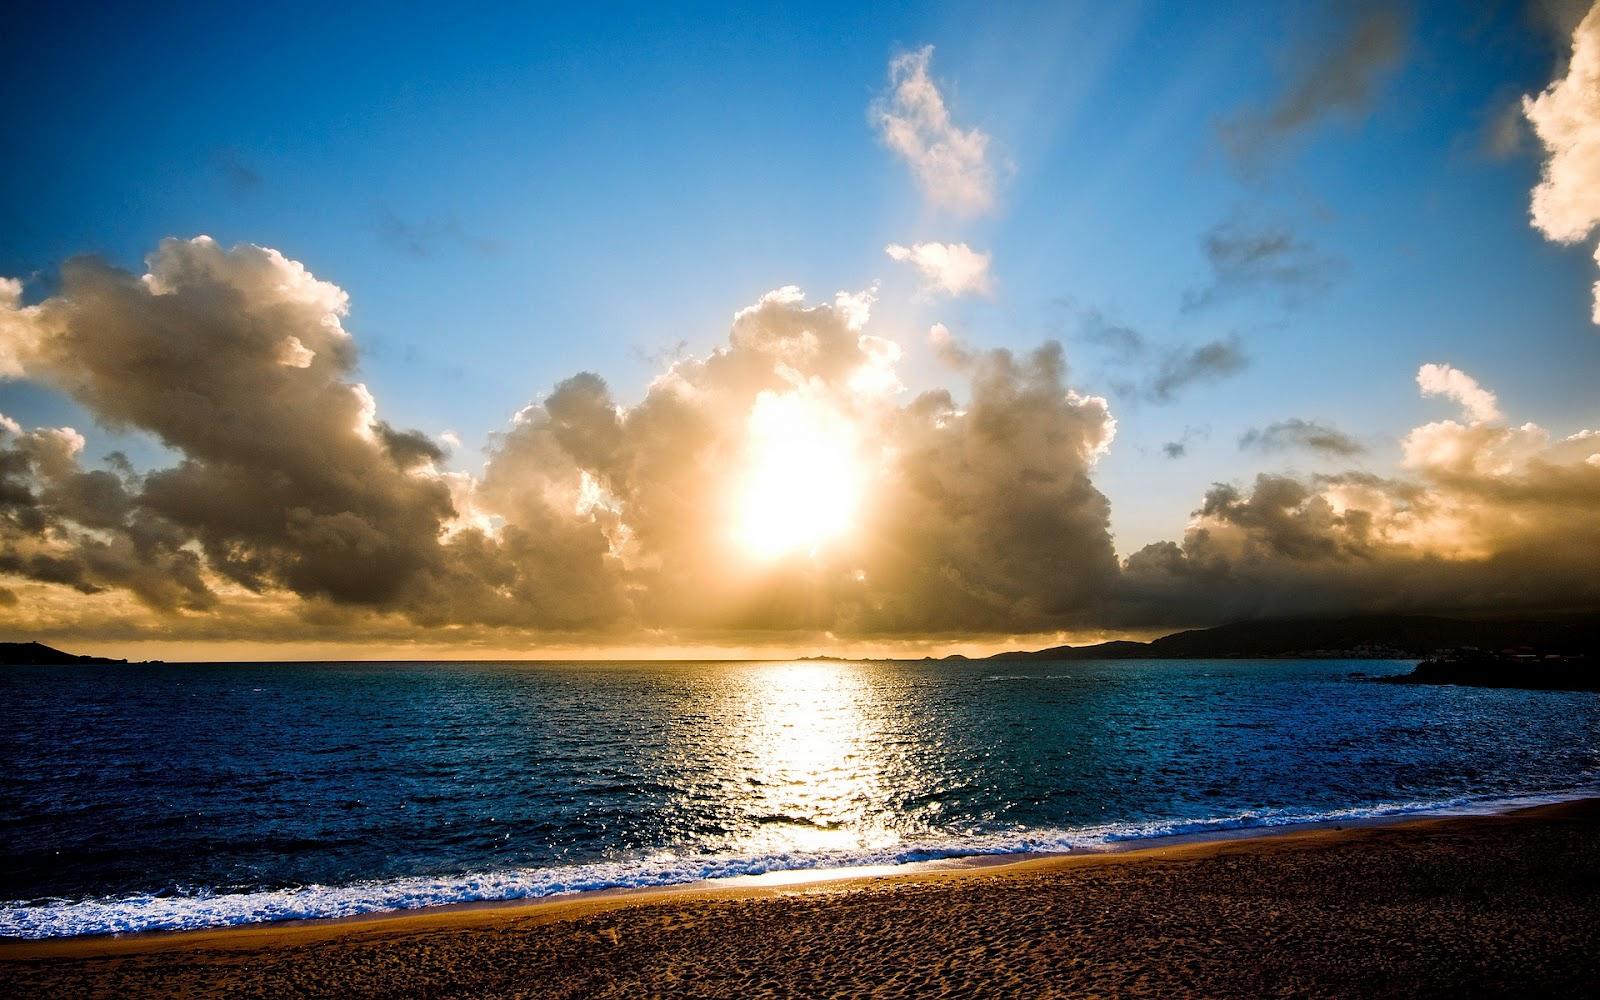 Sun Beach And Sea Wallpaper: Hermosos Paisajes De Atardeceres En Playas